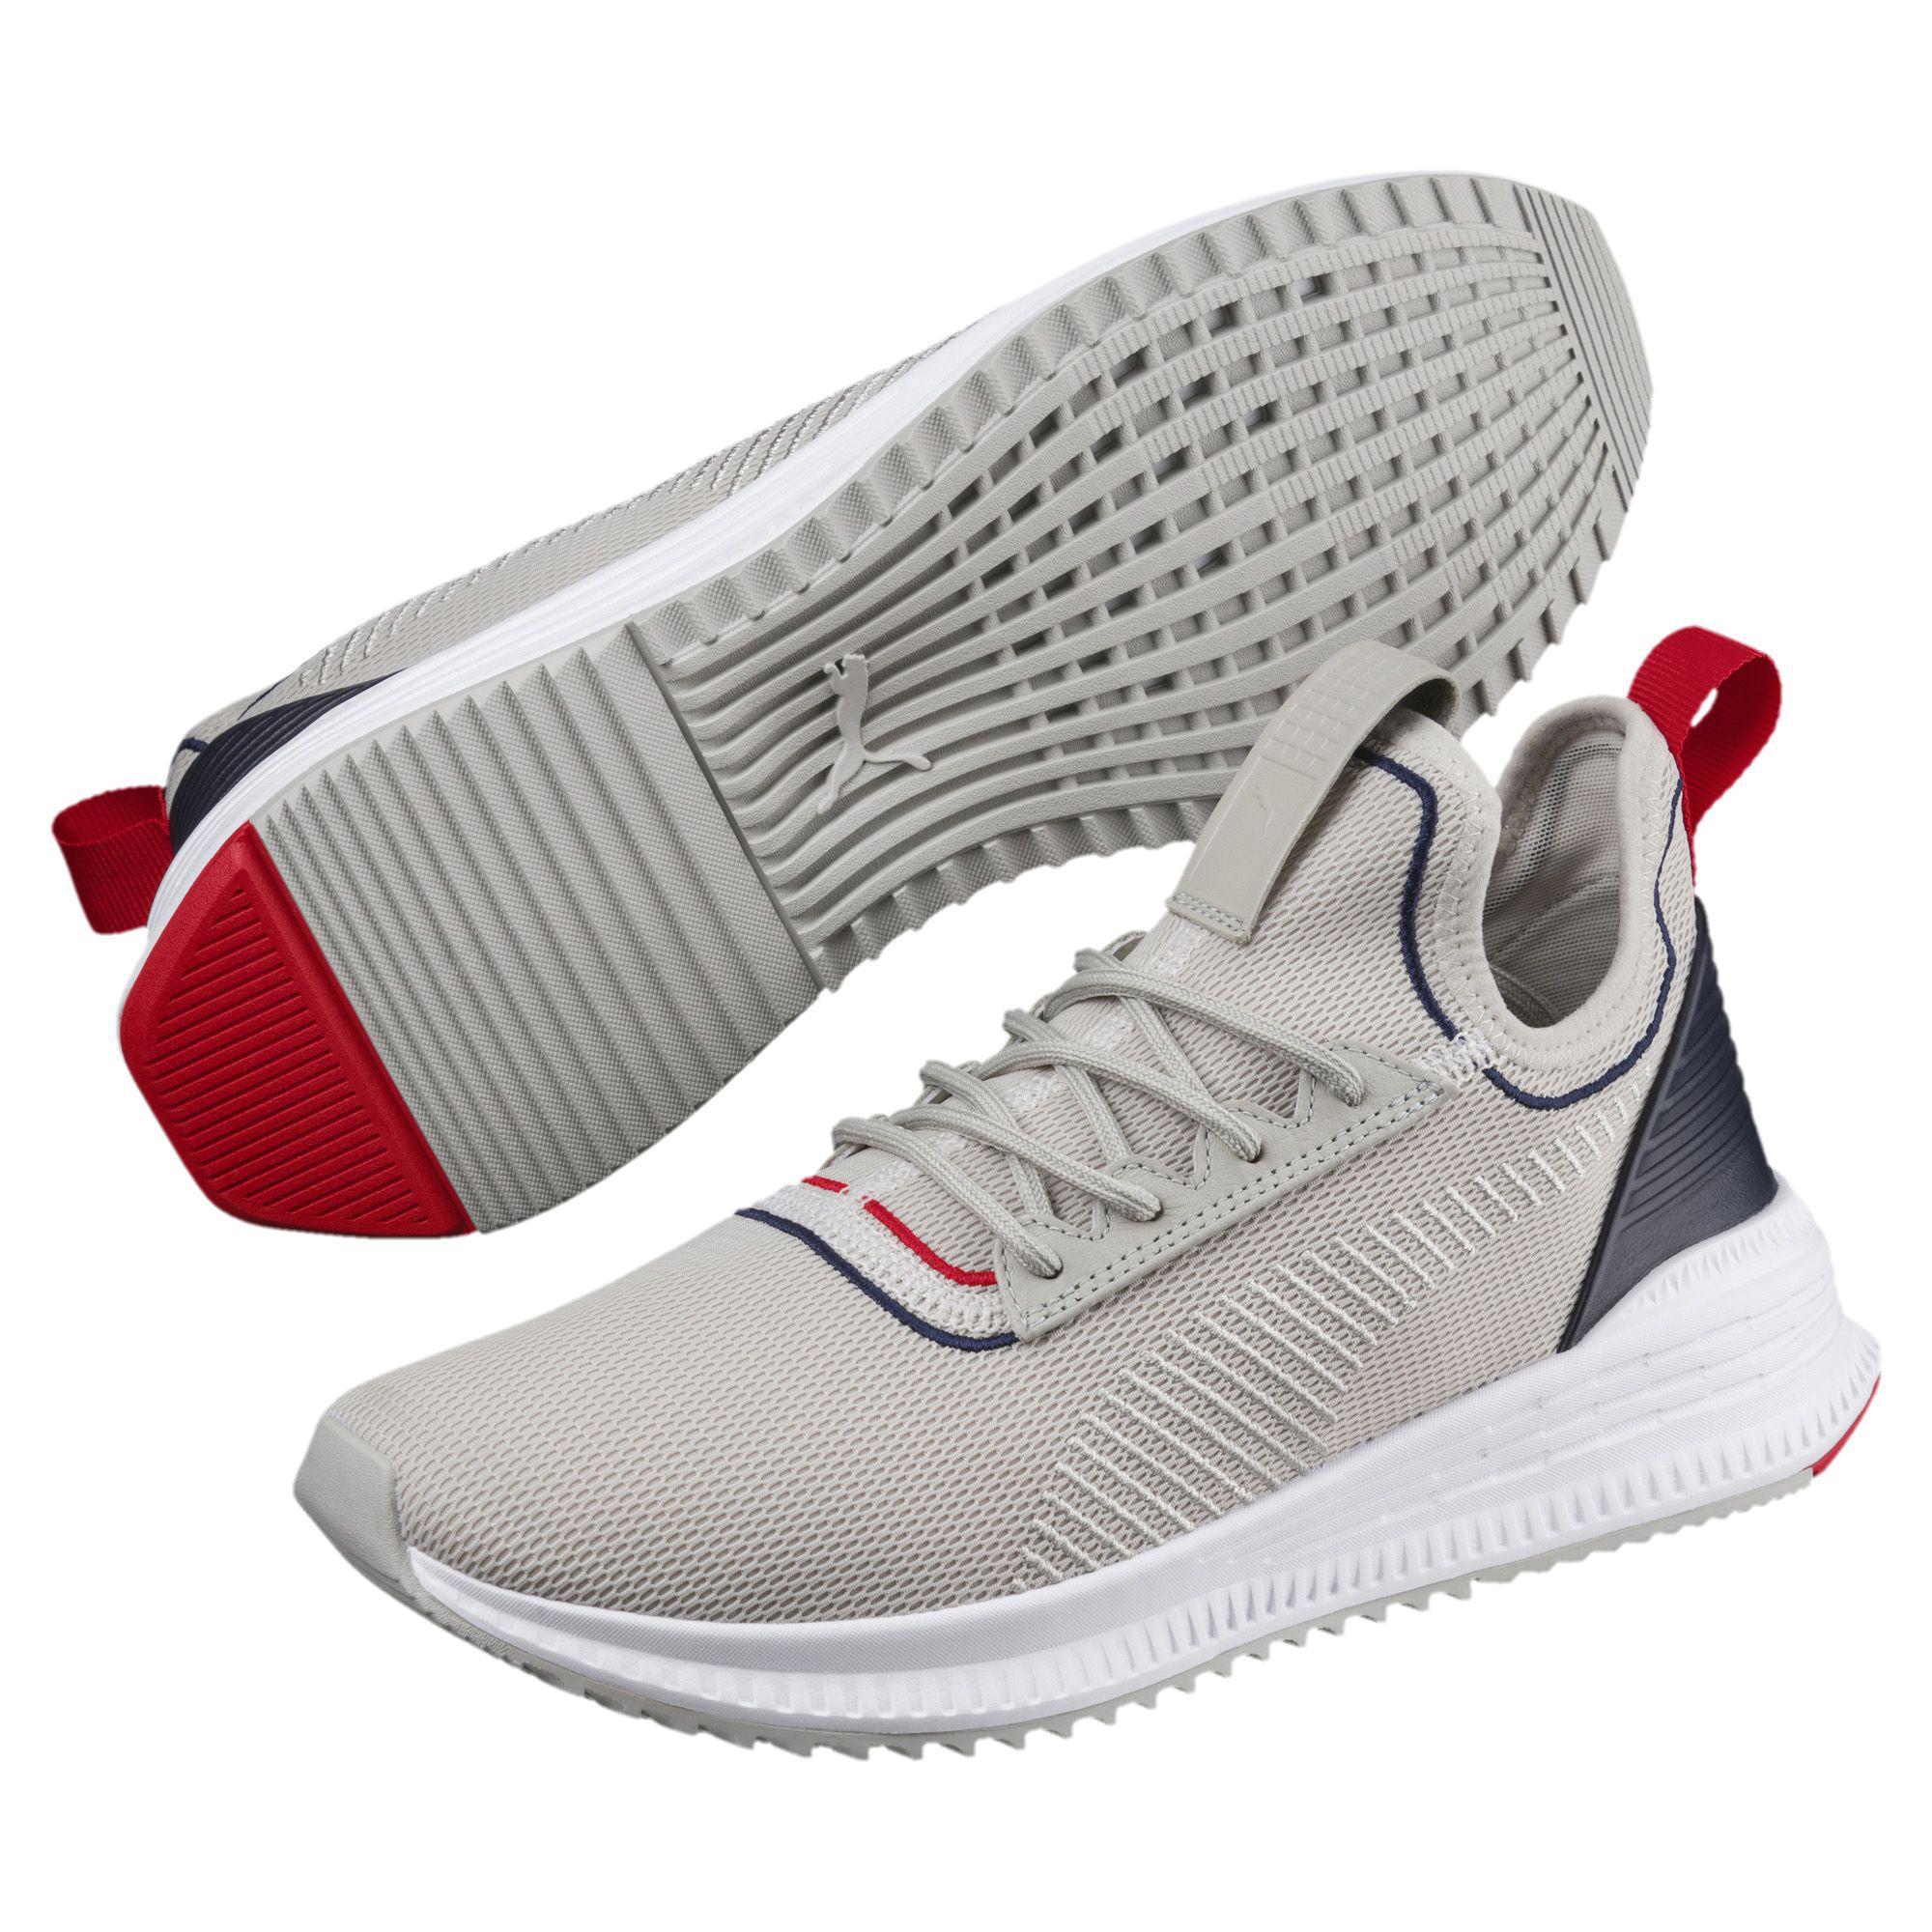 bd7295dd4574a6 Lyst - PUMA Avid Evoknit Sports Stripes Running Shoes for Men